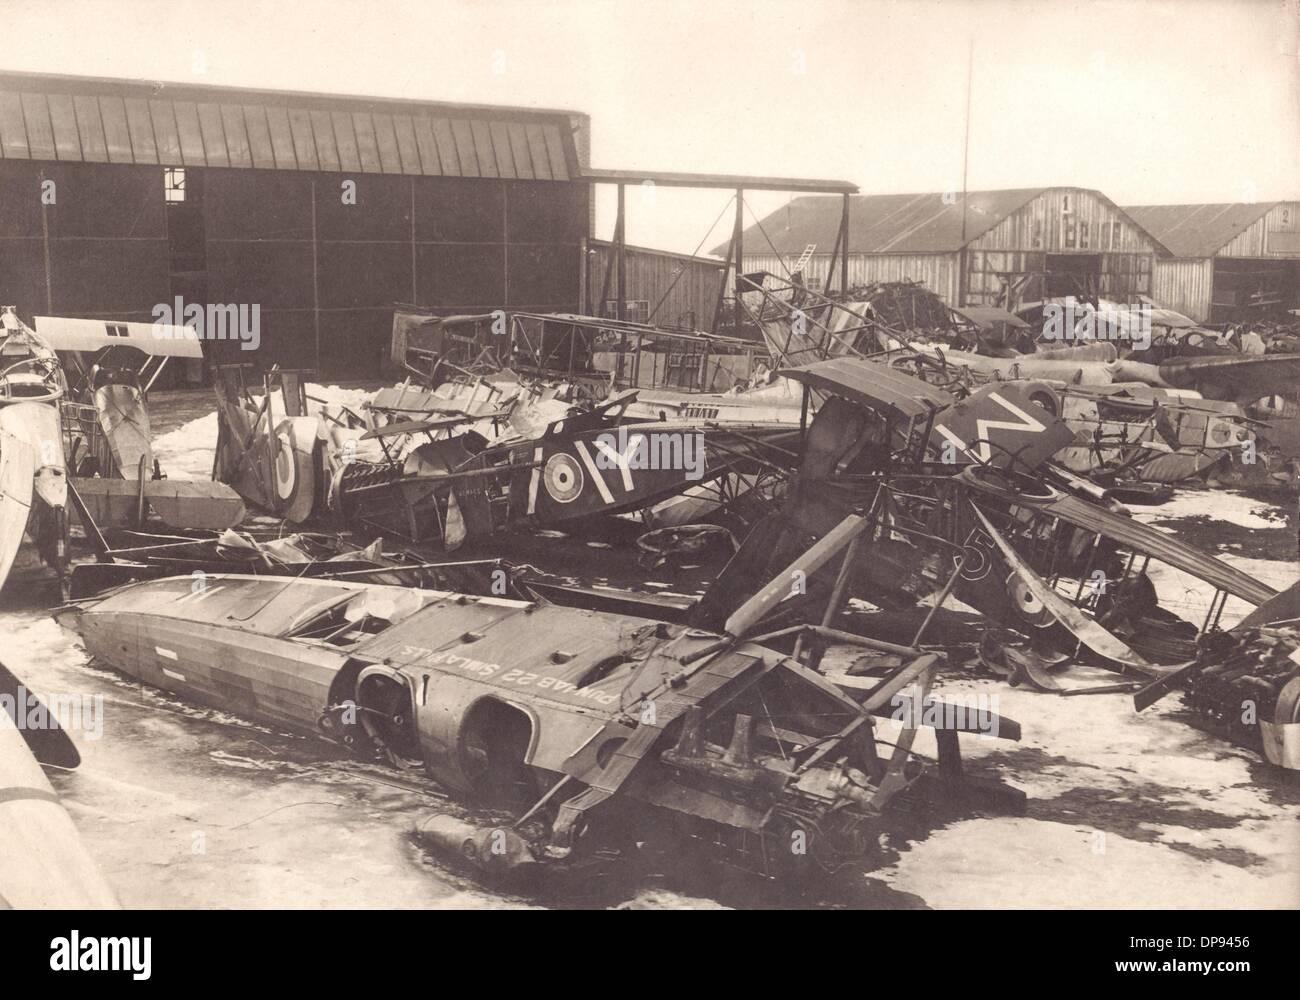 Zerstörte Flugzeuge sind auf einem Flughafen erwartet Schrott recycling abgebildet. Zeitpunkt und Ort unbekannt. Stockfoto